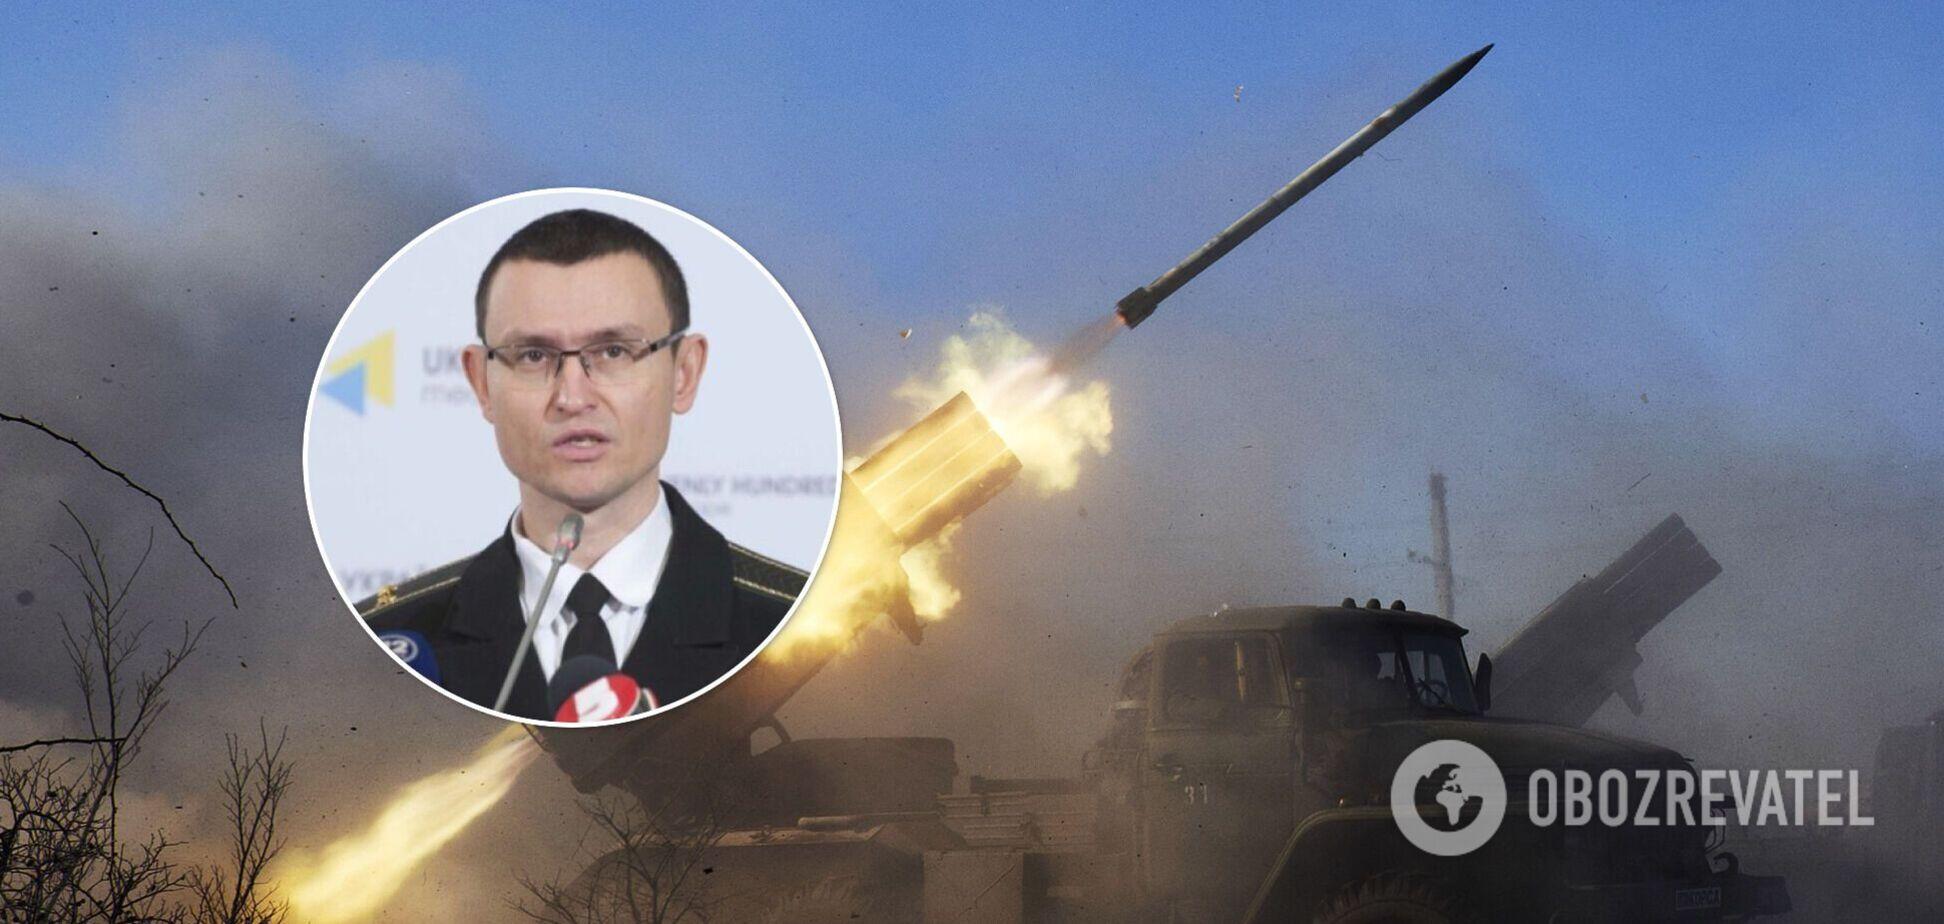 Контрнаступление ВСУ на Донецк и Луганск невозможно, – Селезнев